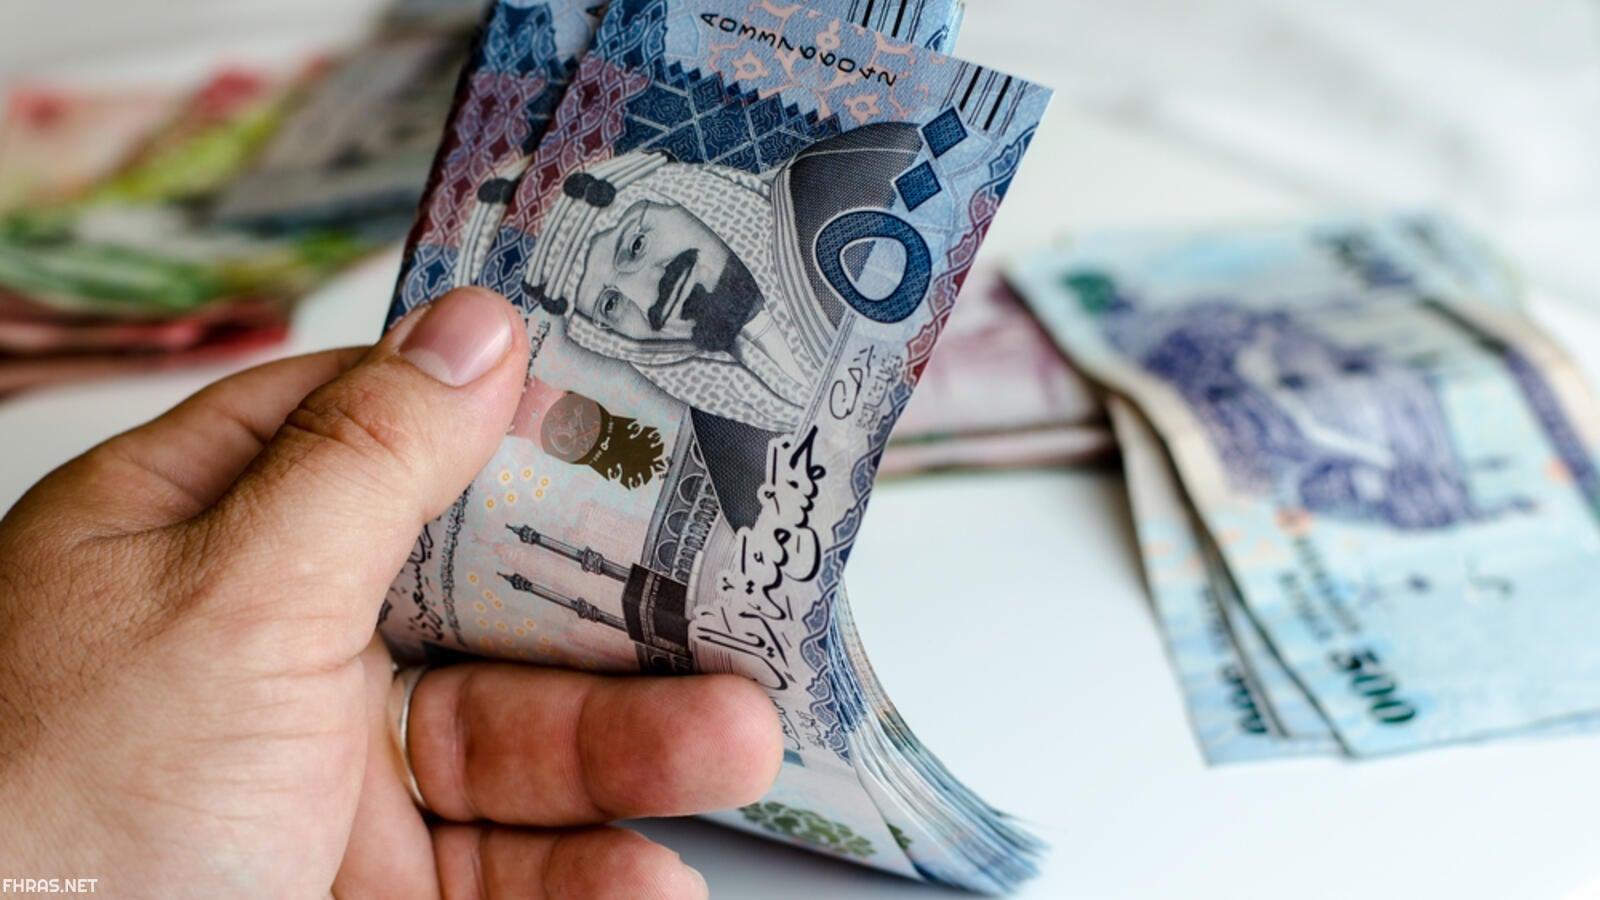 اعلى رواتب في السعودية أعلى راتب في السعودية 2021 أسرار المال